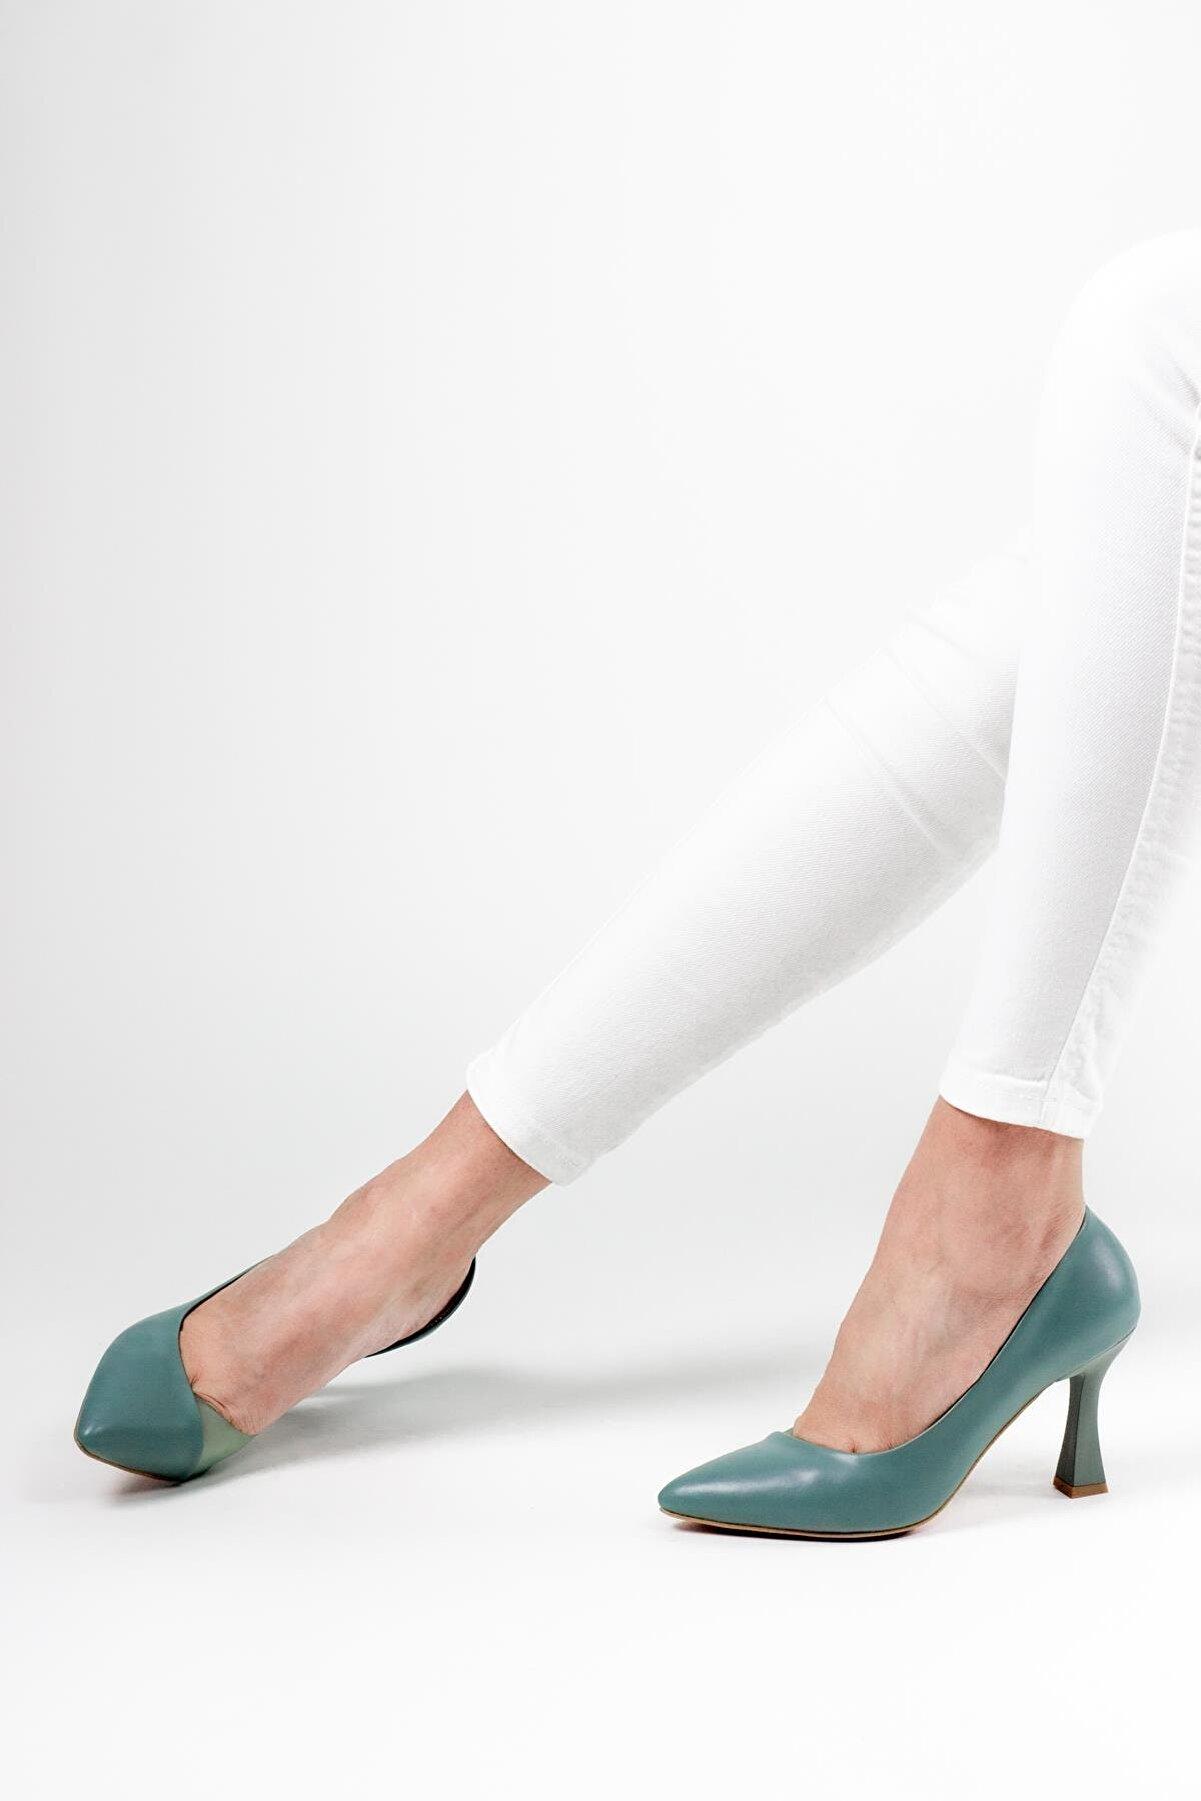 Gökhan Talay Luna Renkli Şeffaf Detaylı Kadın Topuklu Ayakkabı